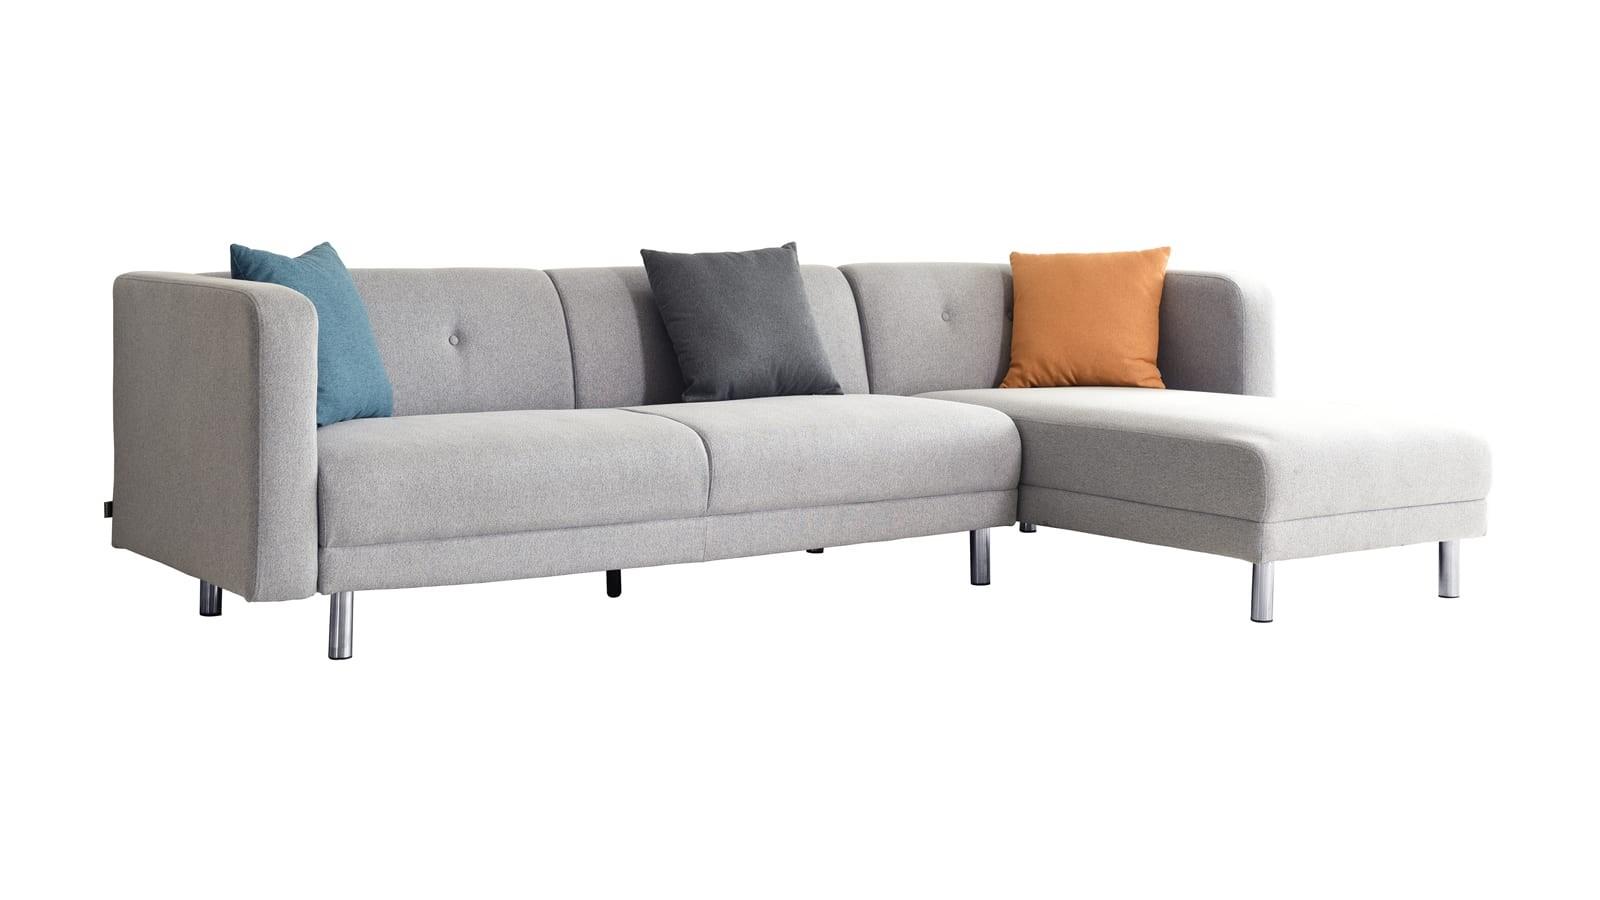 Canapé d'angle convertible 5 places en tissu gris clair